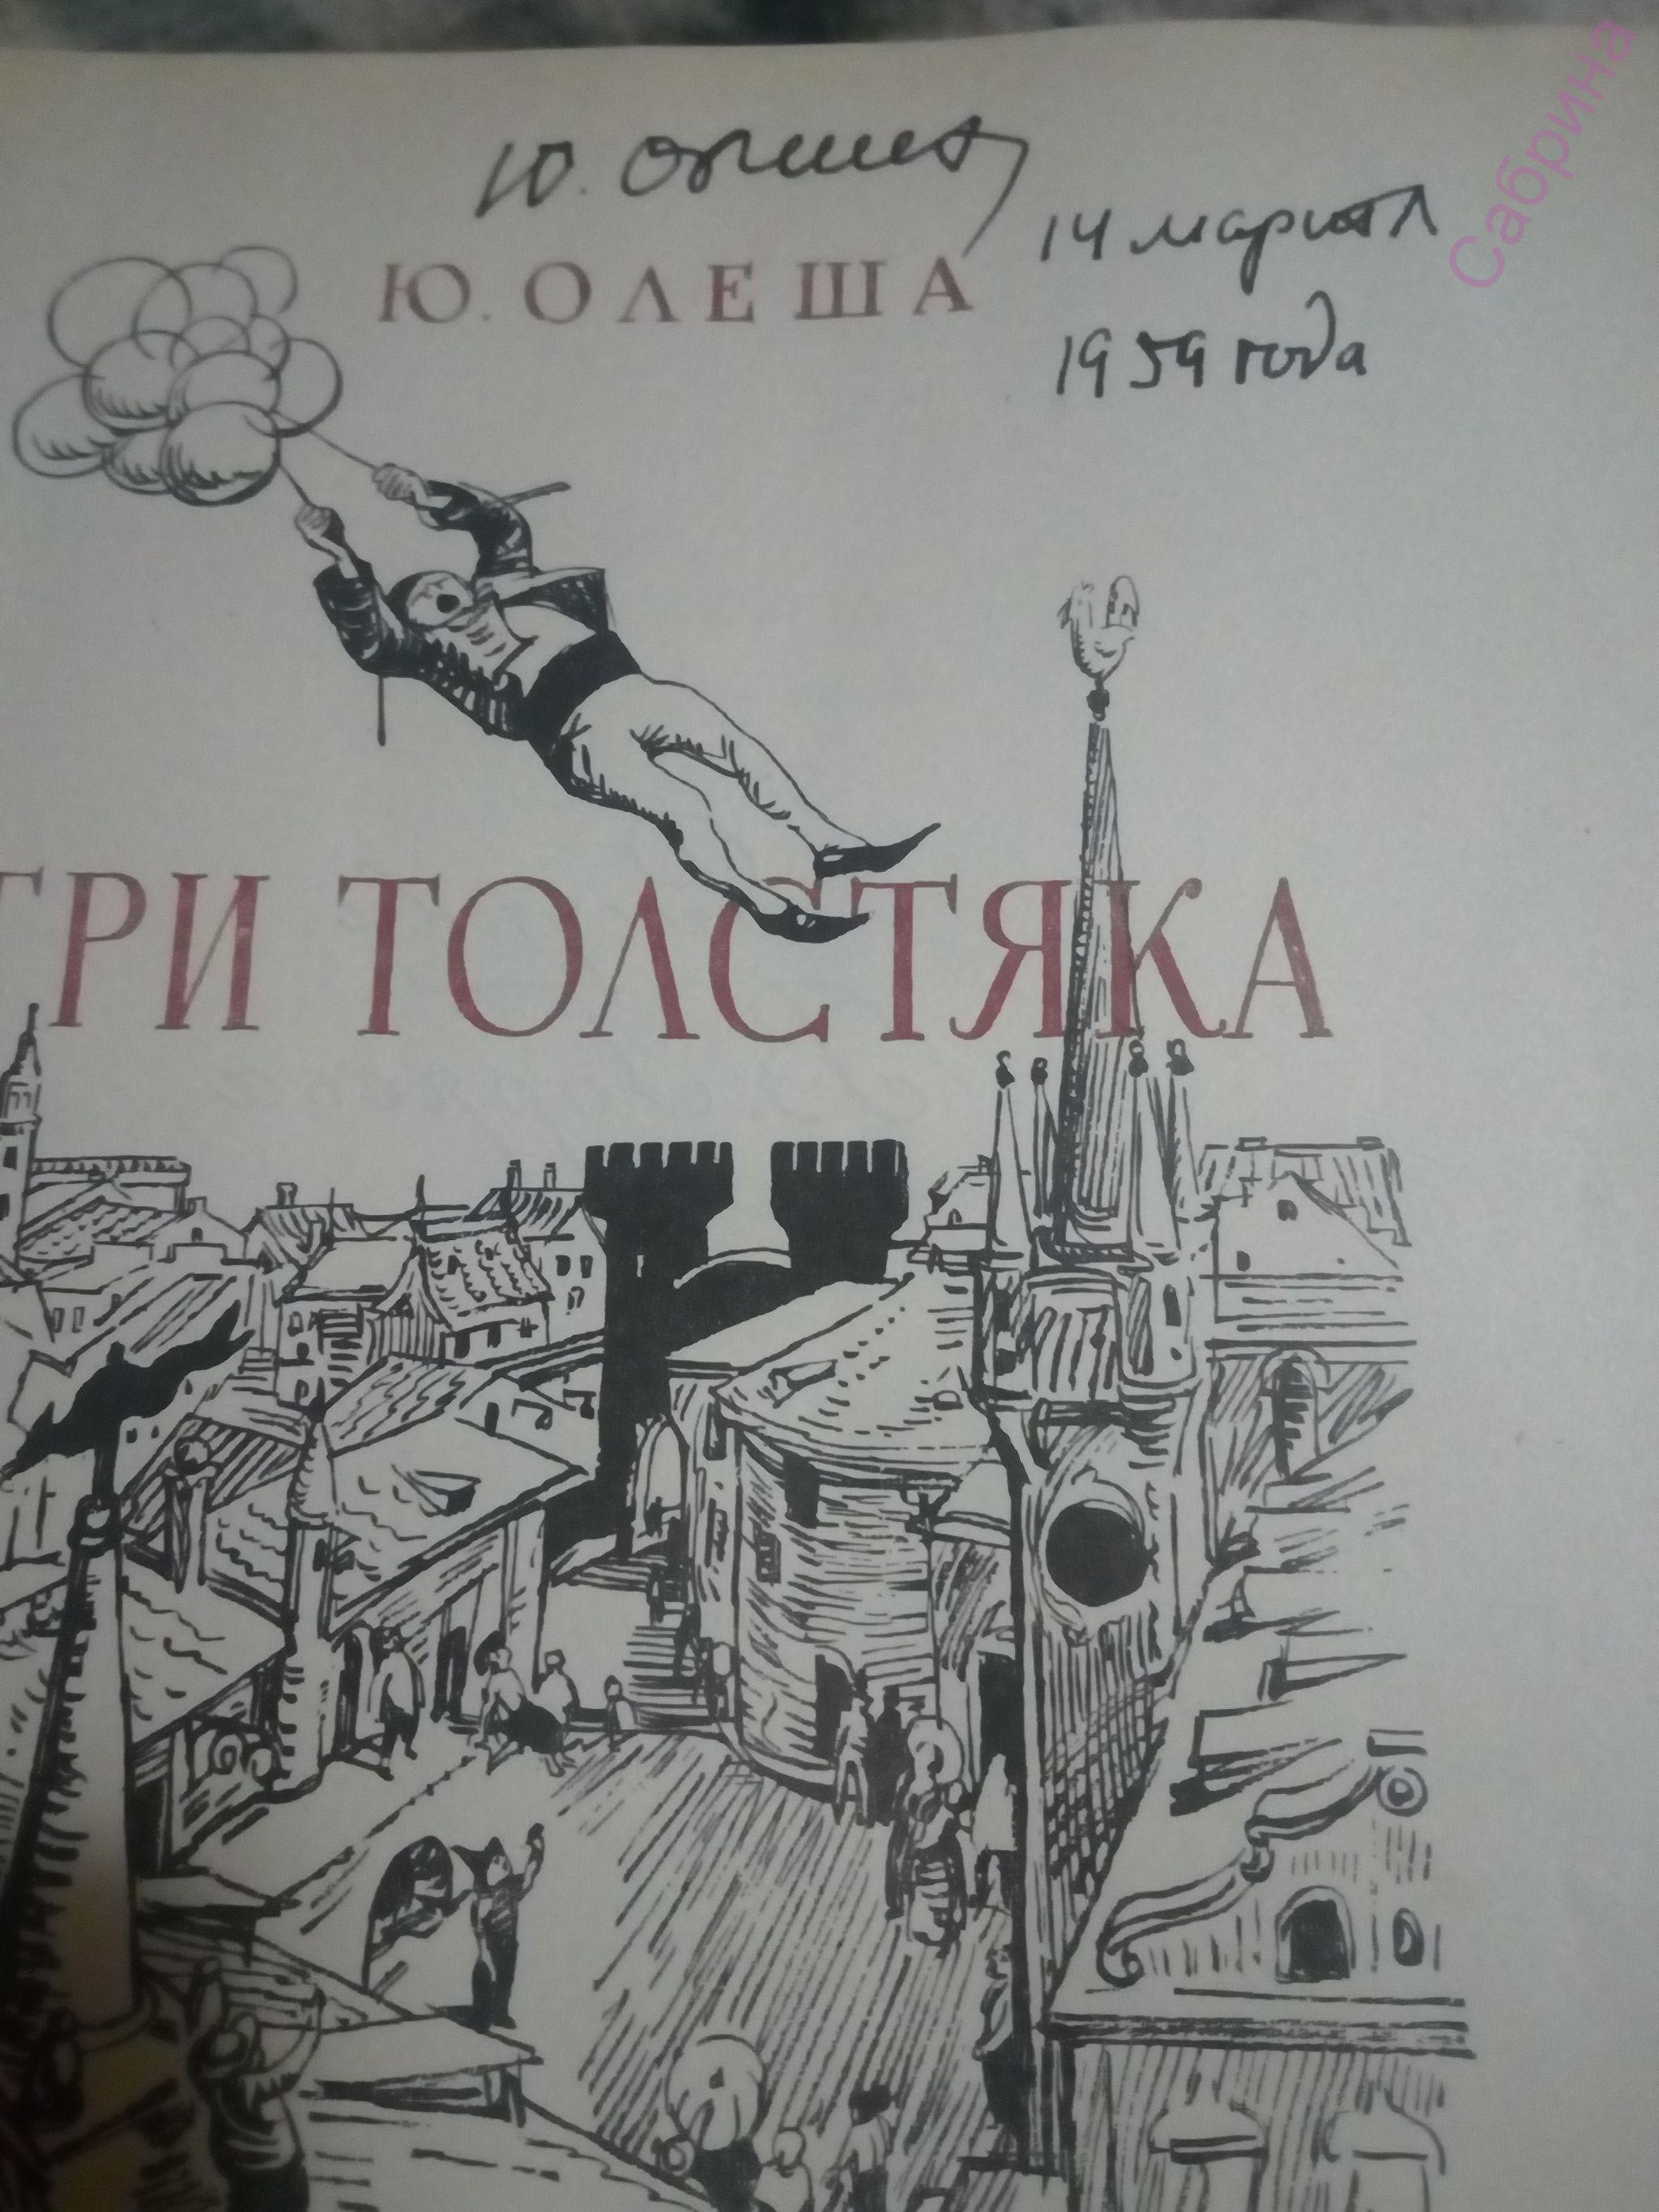 Автограф Юрия Олеши Три толстяка. 14.03.1959